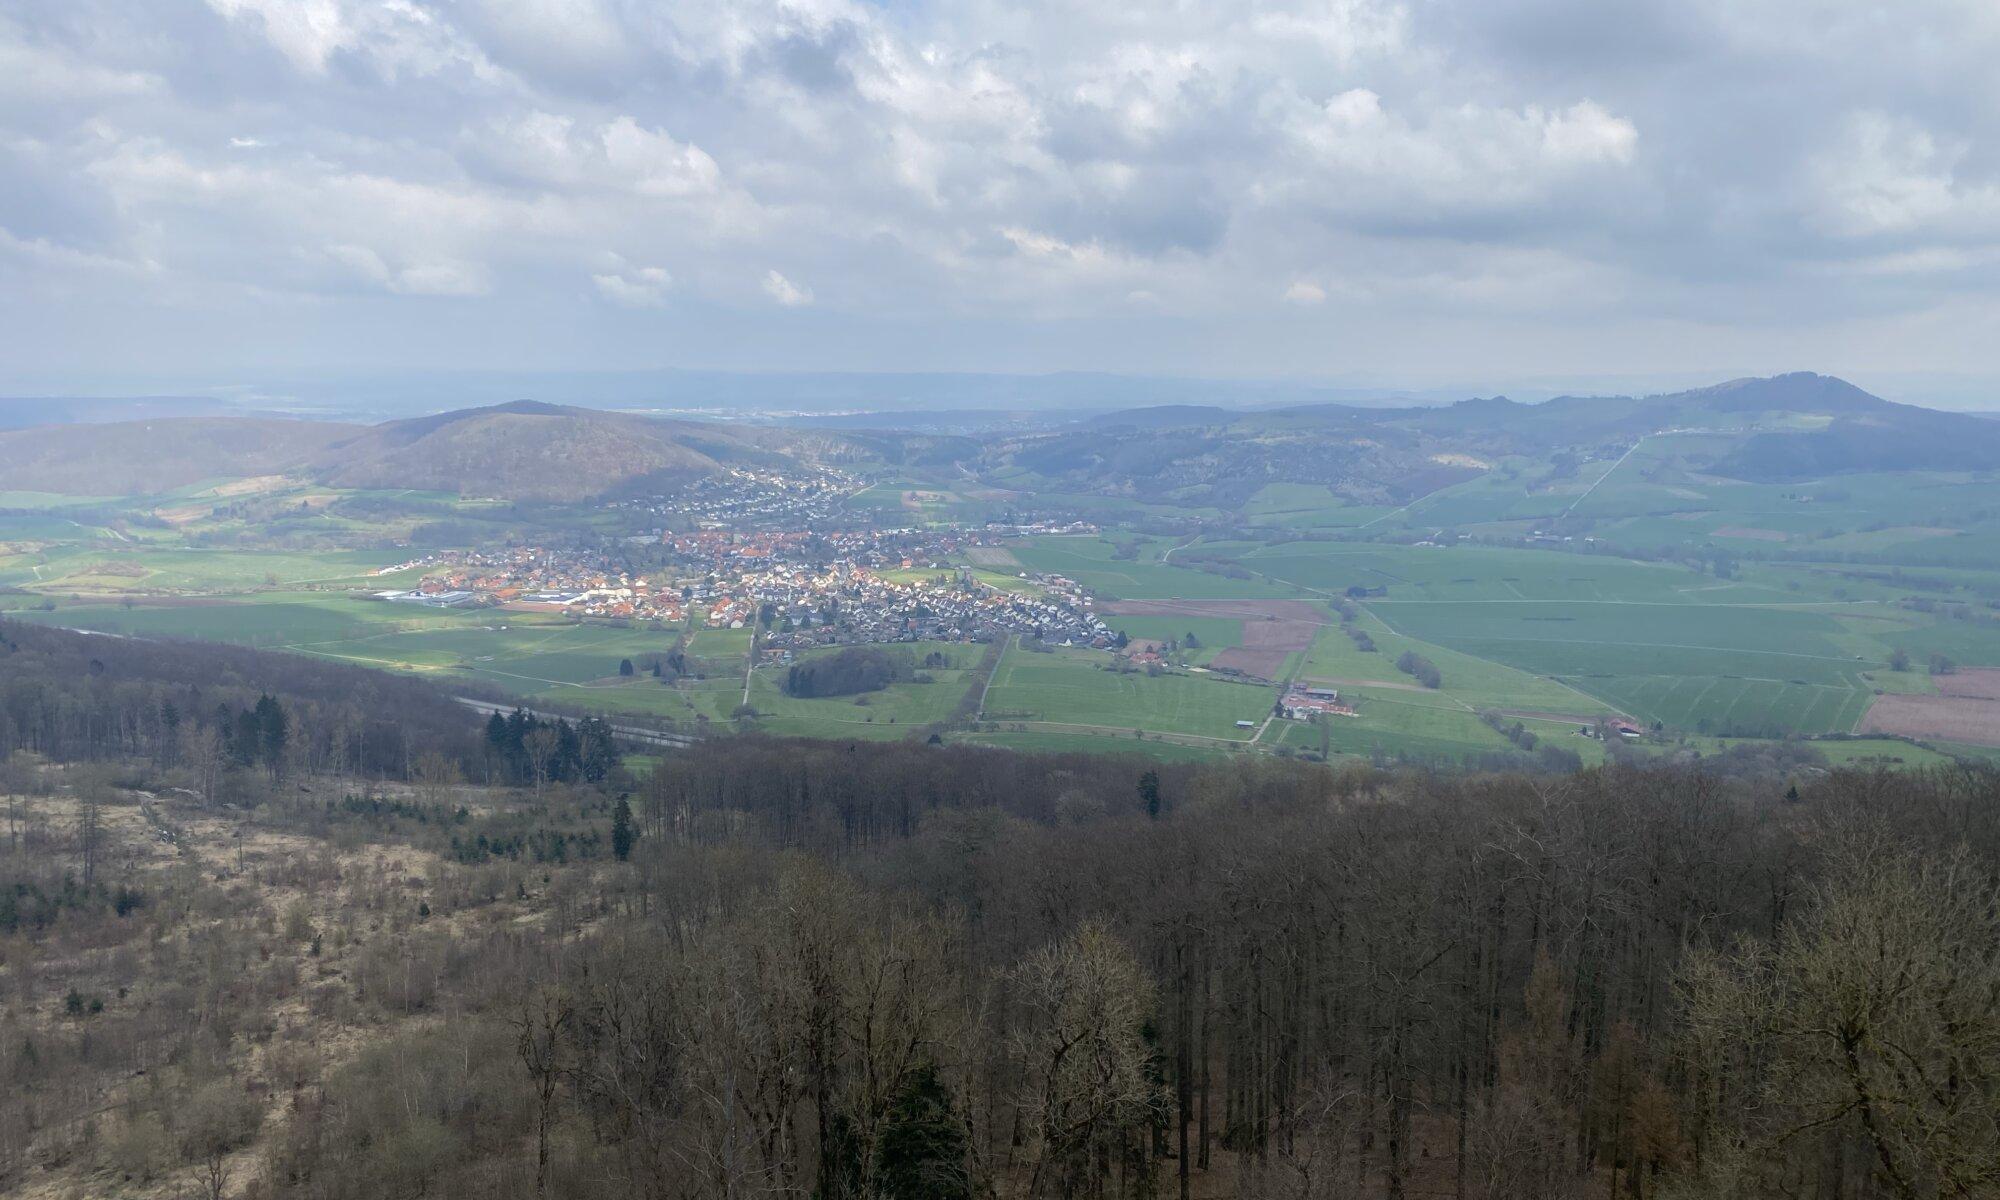 View from Bärenbergturm, Zierenberg